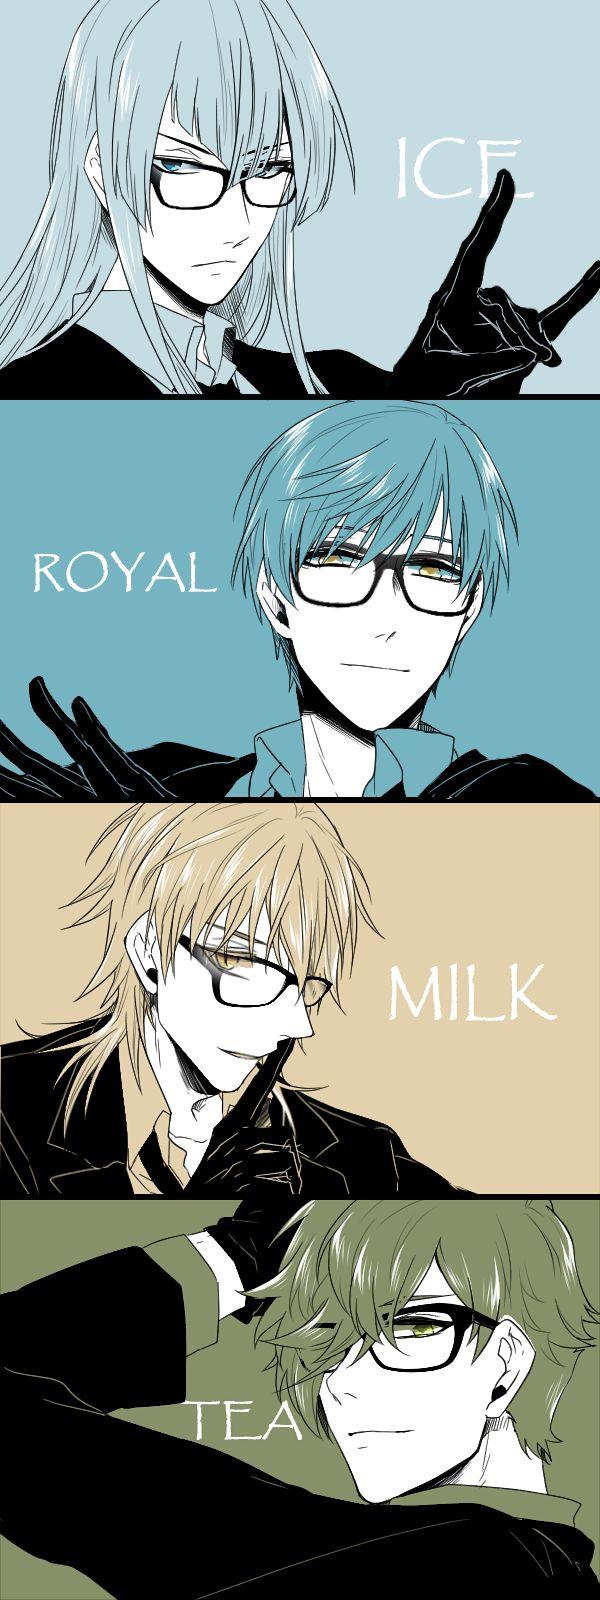 Touken Ranbu | TouRanbu | Ice-Royal-Milk-Tea ( ´ ▽ ` )ノ | Kousetsu Samonji | Tsurumaru Kuninaga | Ichigo Hitofuri | Uguisumaru | rarity swords | glasses